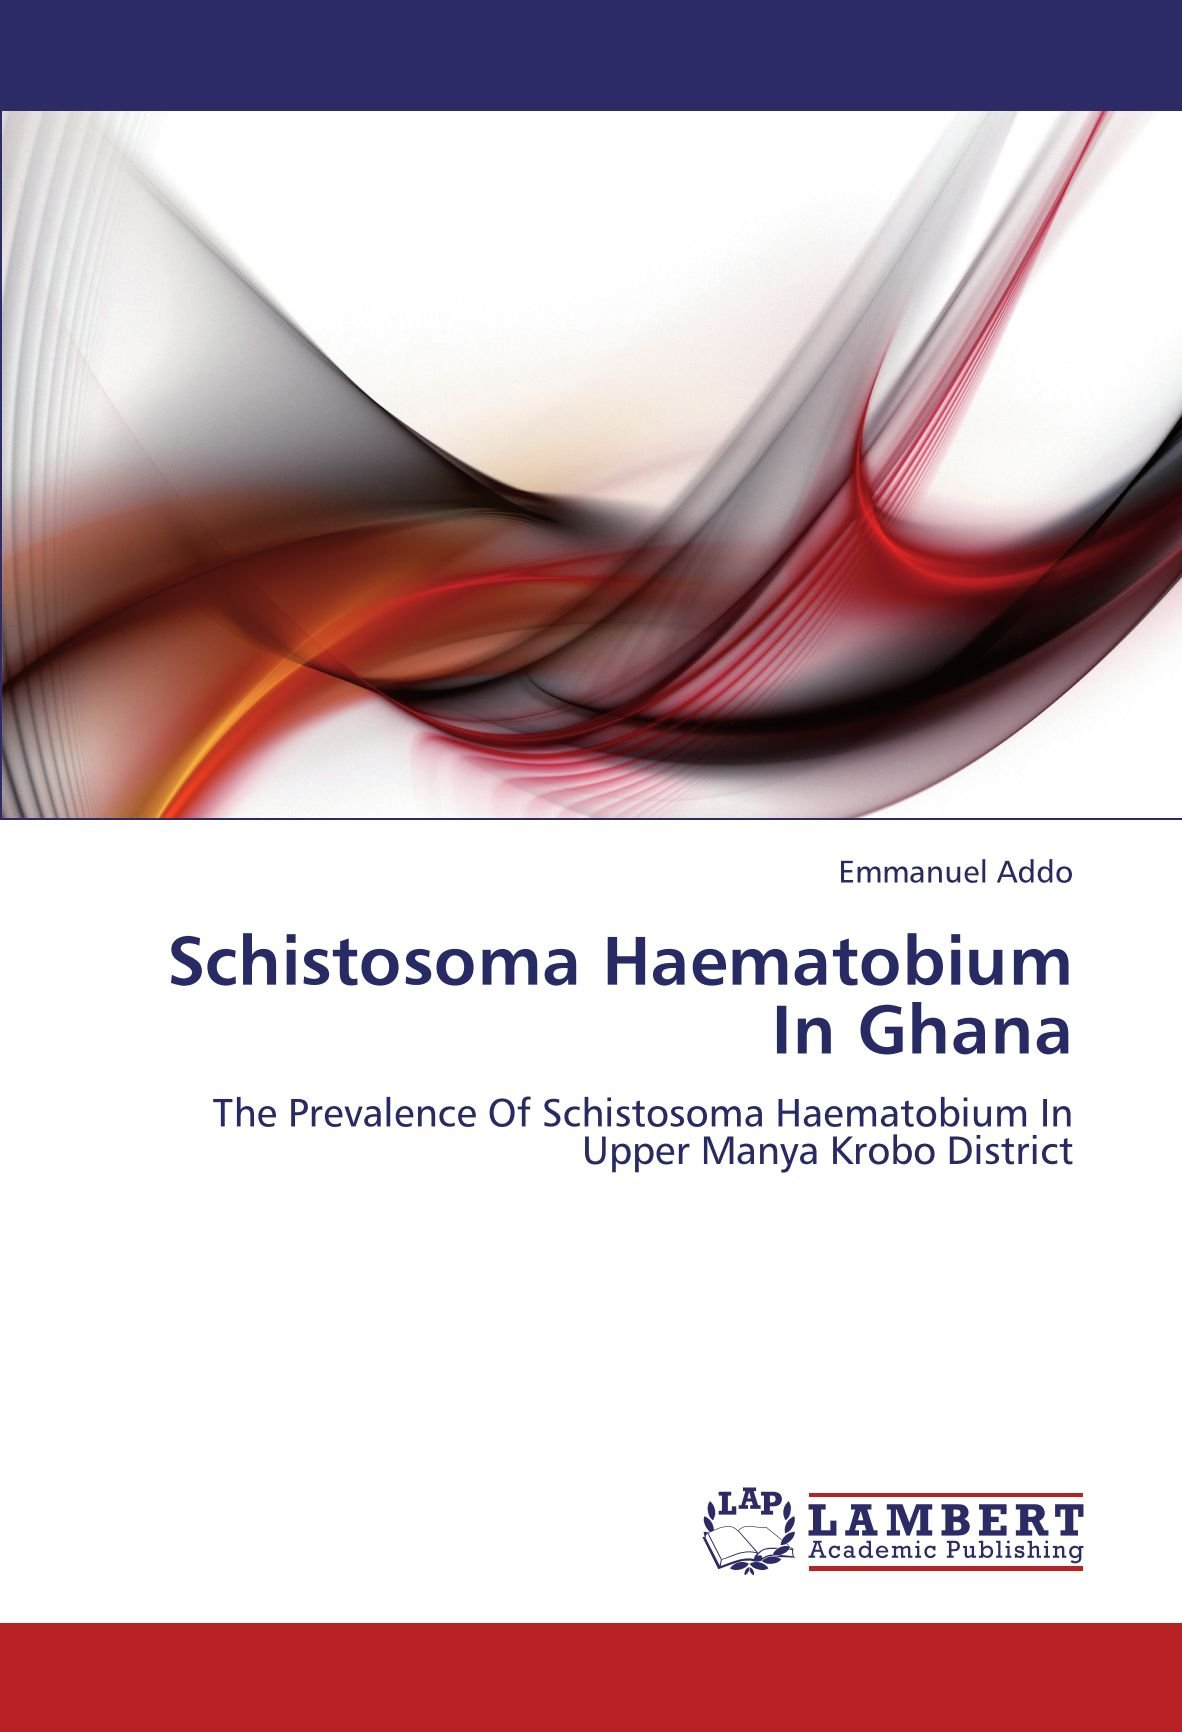 Schistosoma în venele de la picioare